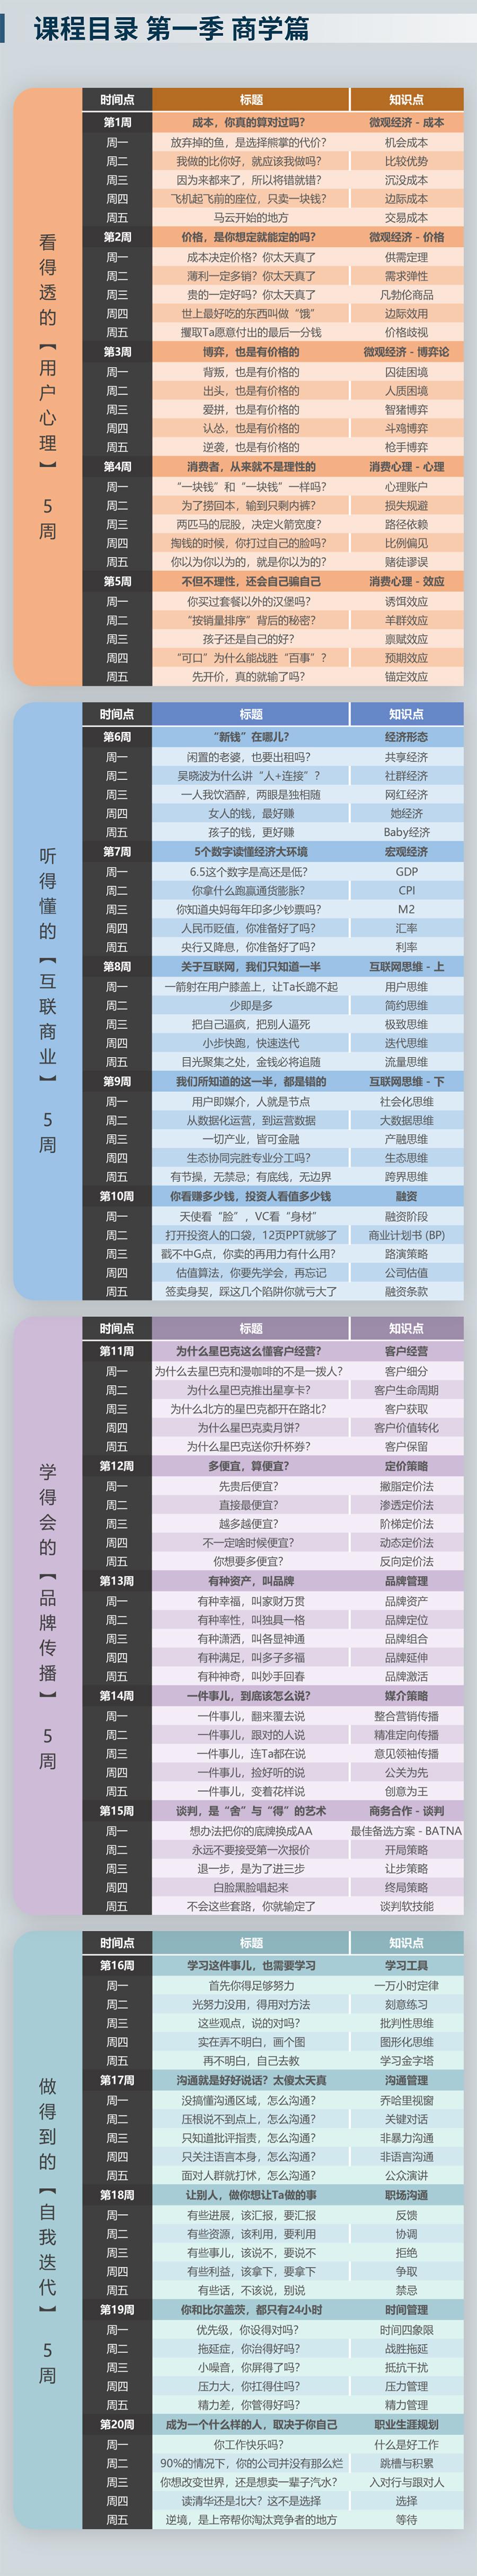 http://mtedu-img.oss-cn-beijing-internal.aliyuncs.com/ueditor/20181029190019_927517.jpg